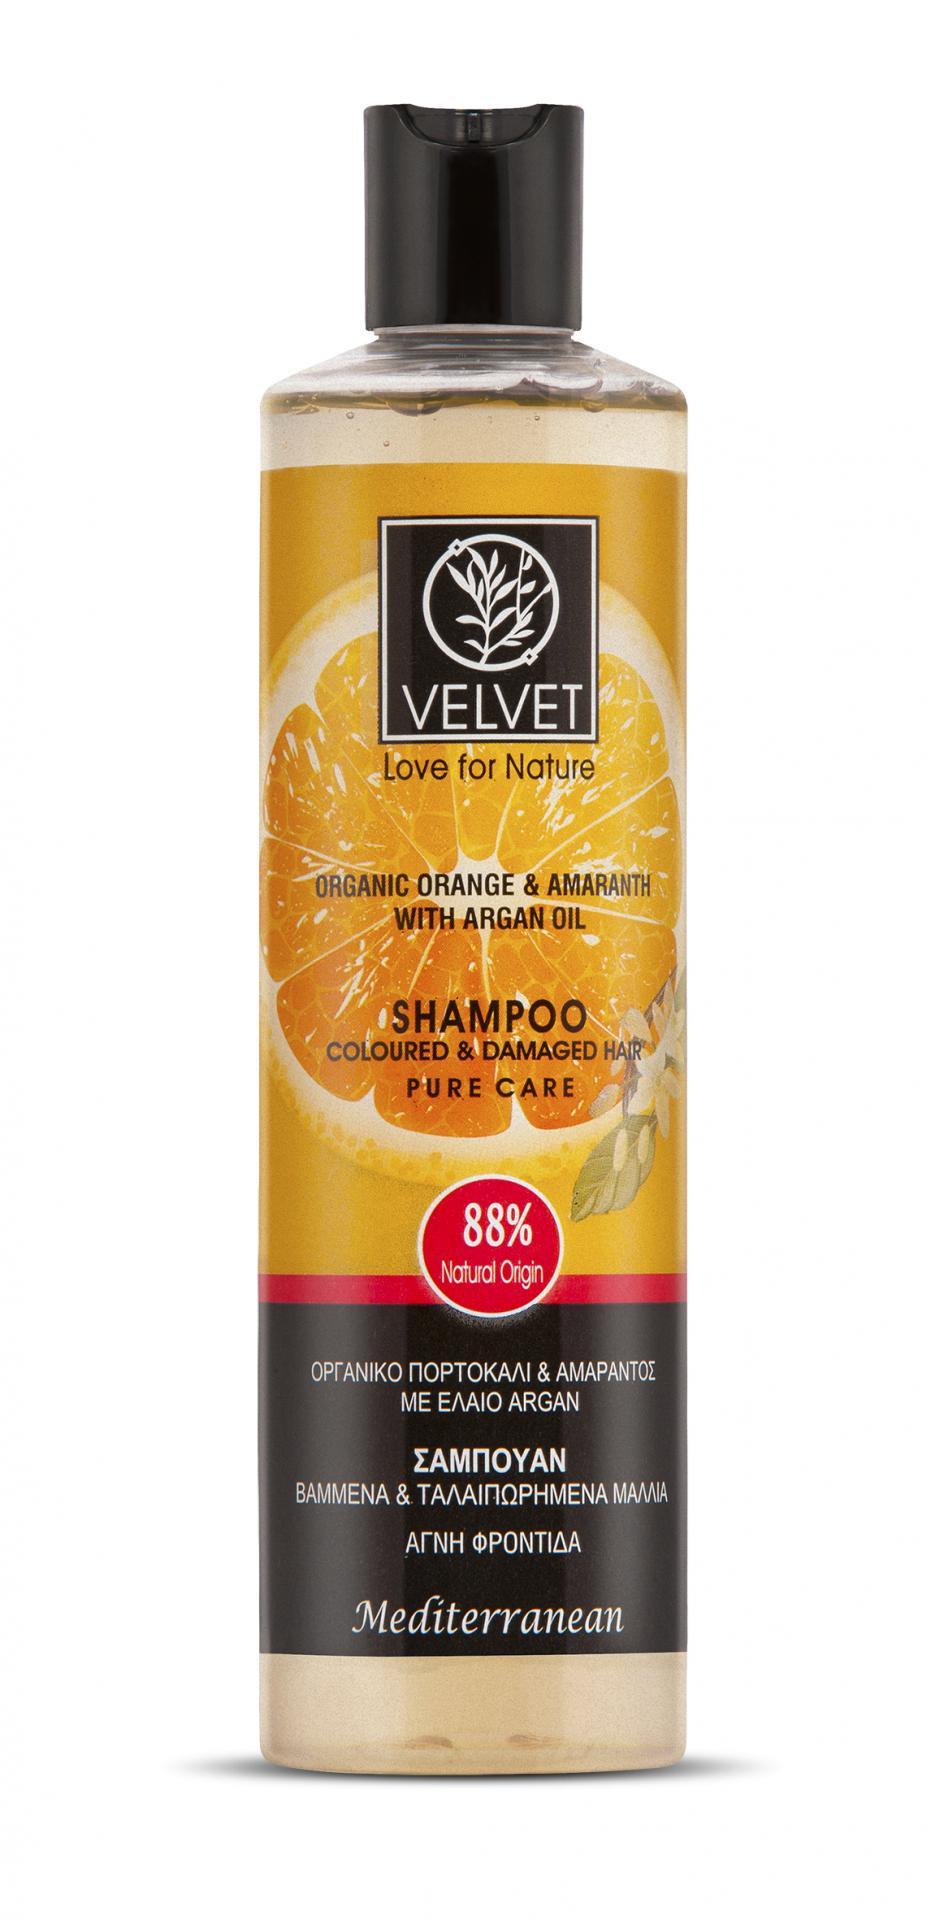 Champú Velvet de Naranja, Amaranto y Argán para cabello teñido y dañado 300 ml